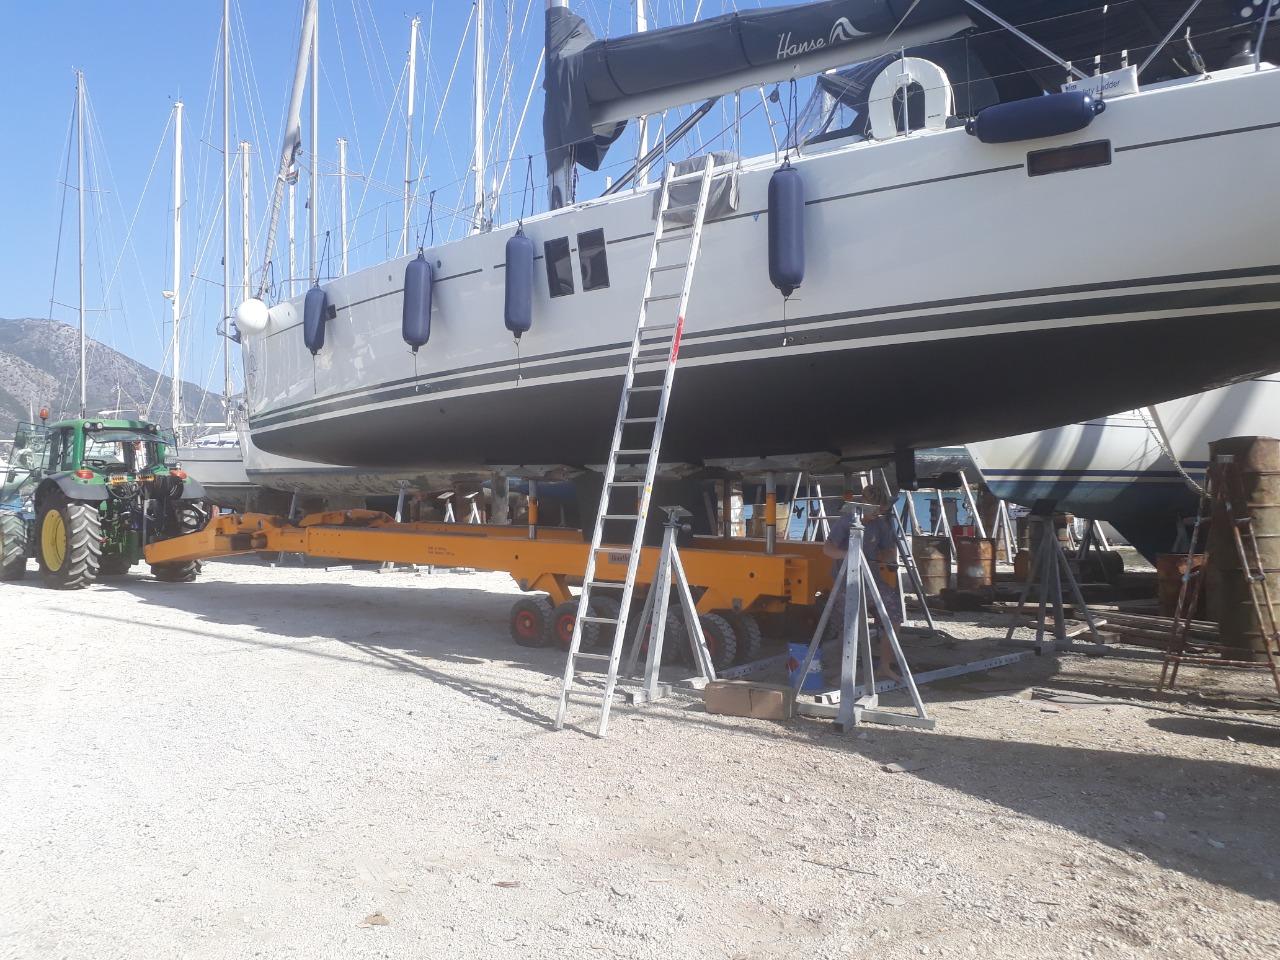 boatyard yacht club